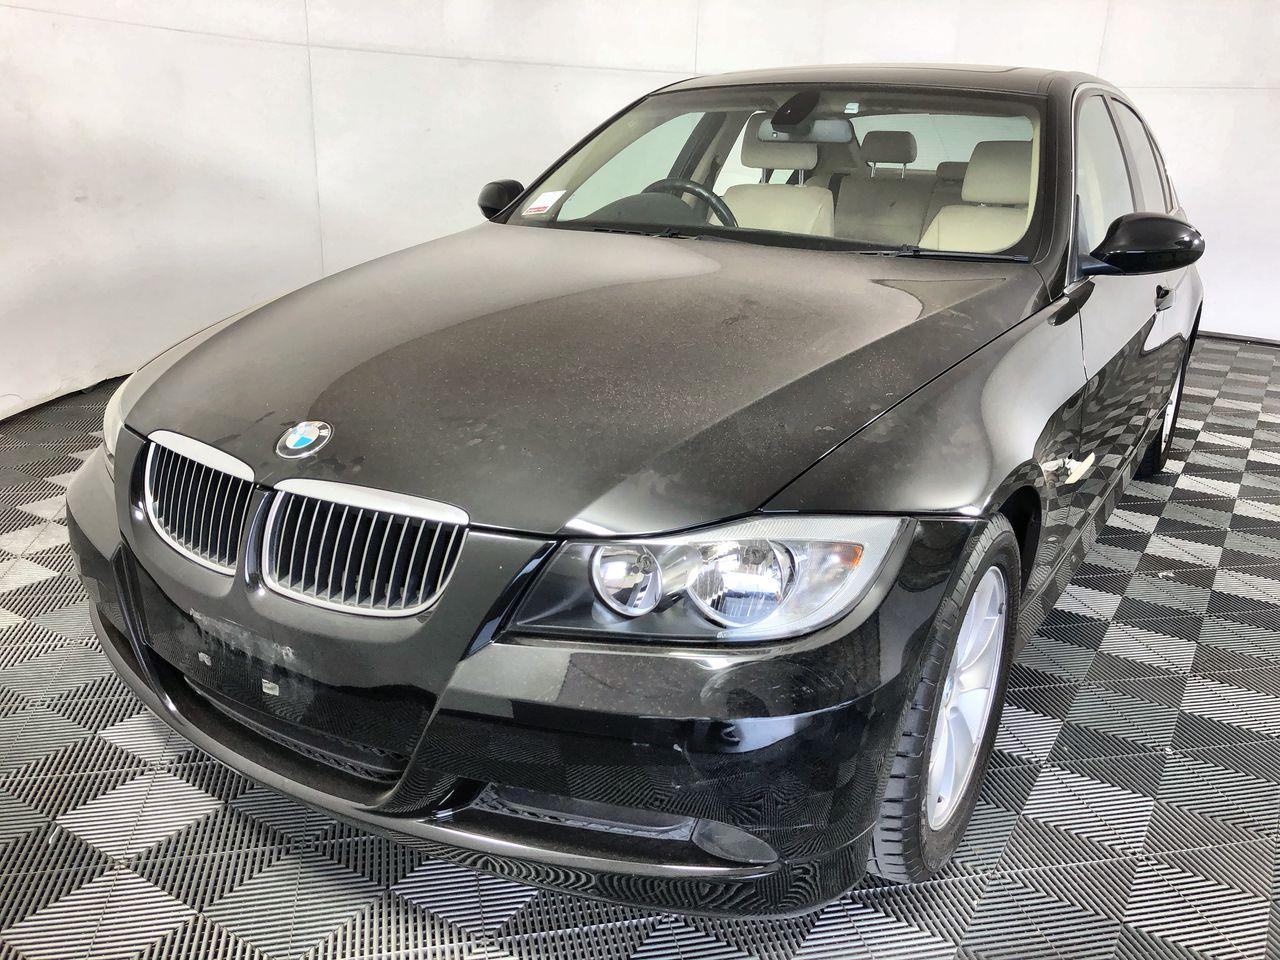 2007 BMW 3 23i E90 Automatic Sedan